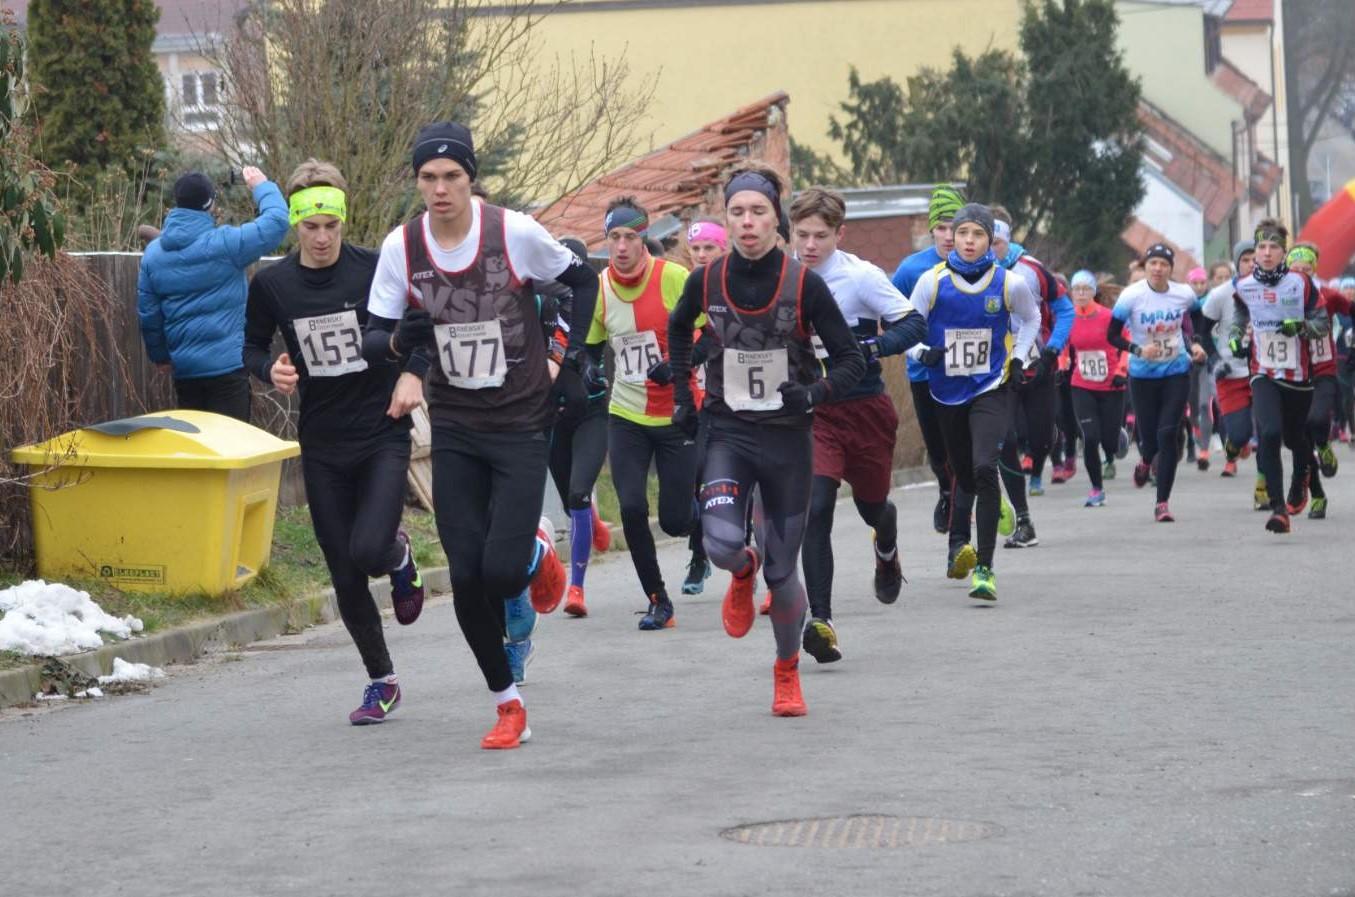 Rájecká desítka běžeckou sezonu neotevře.